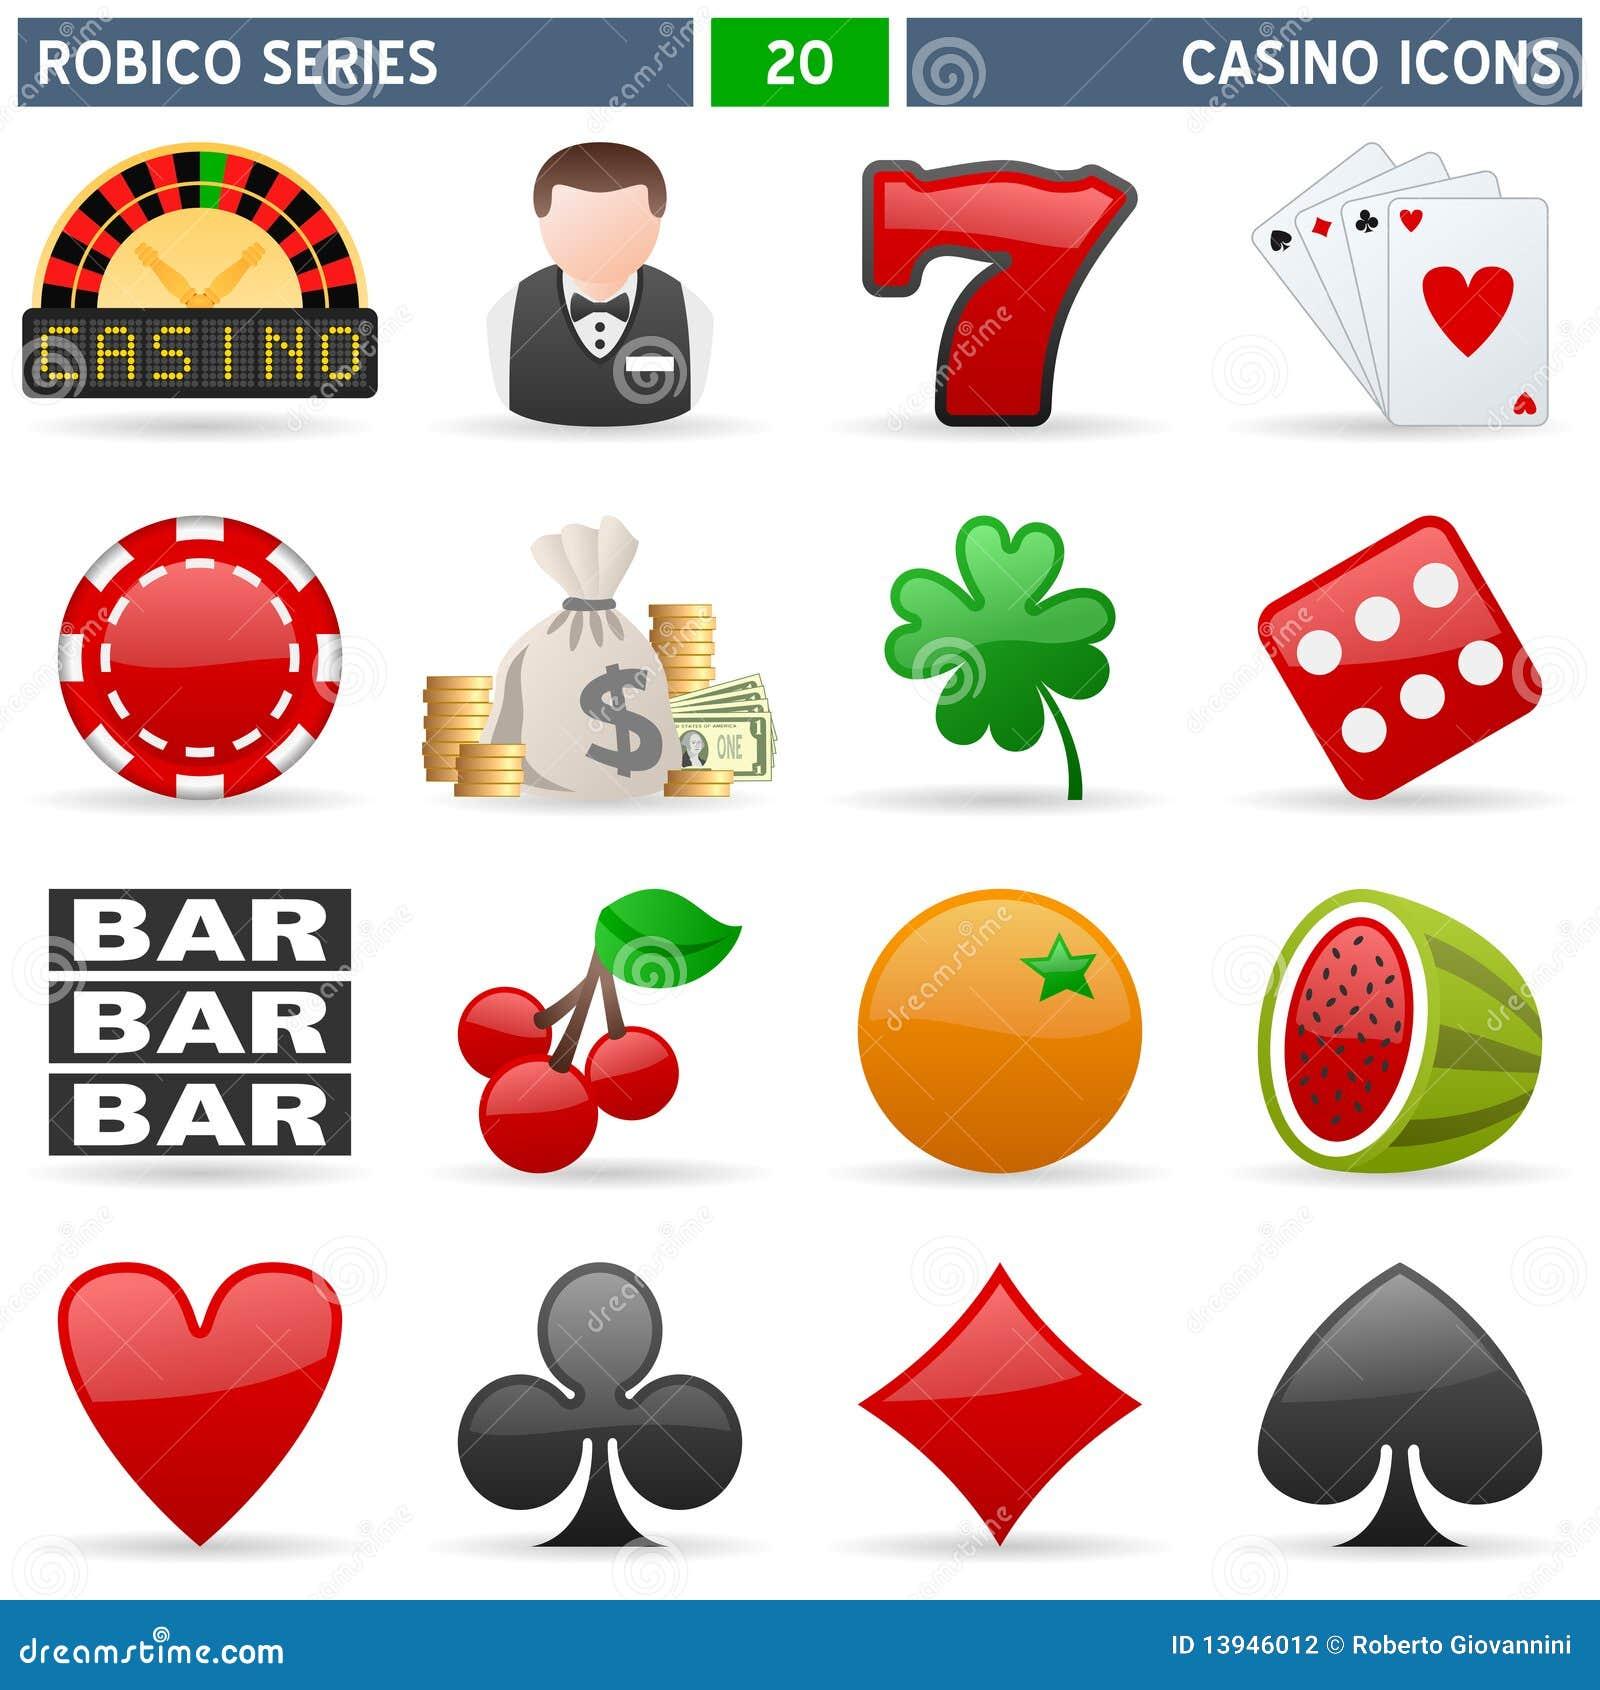 серия robico икон казино